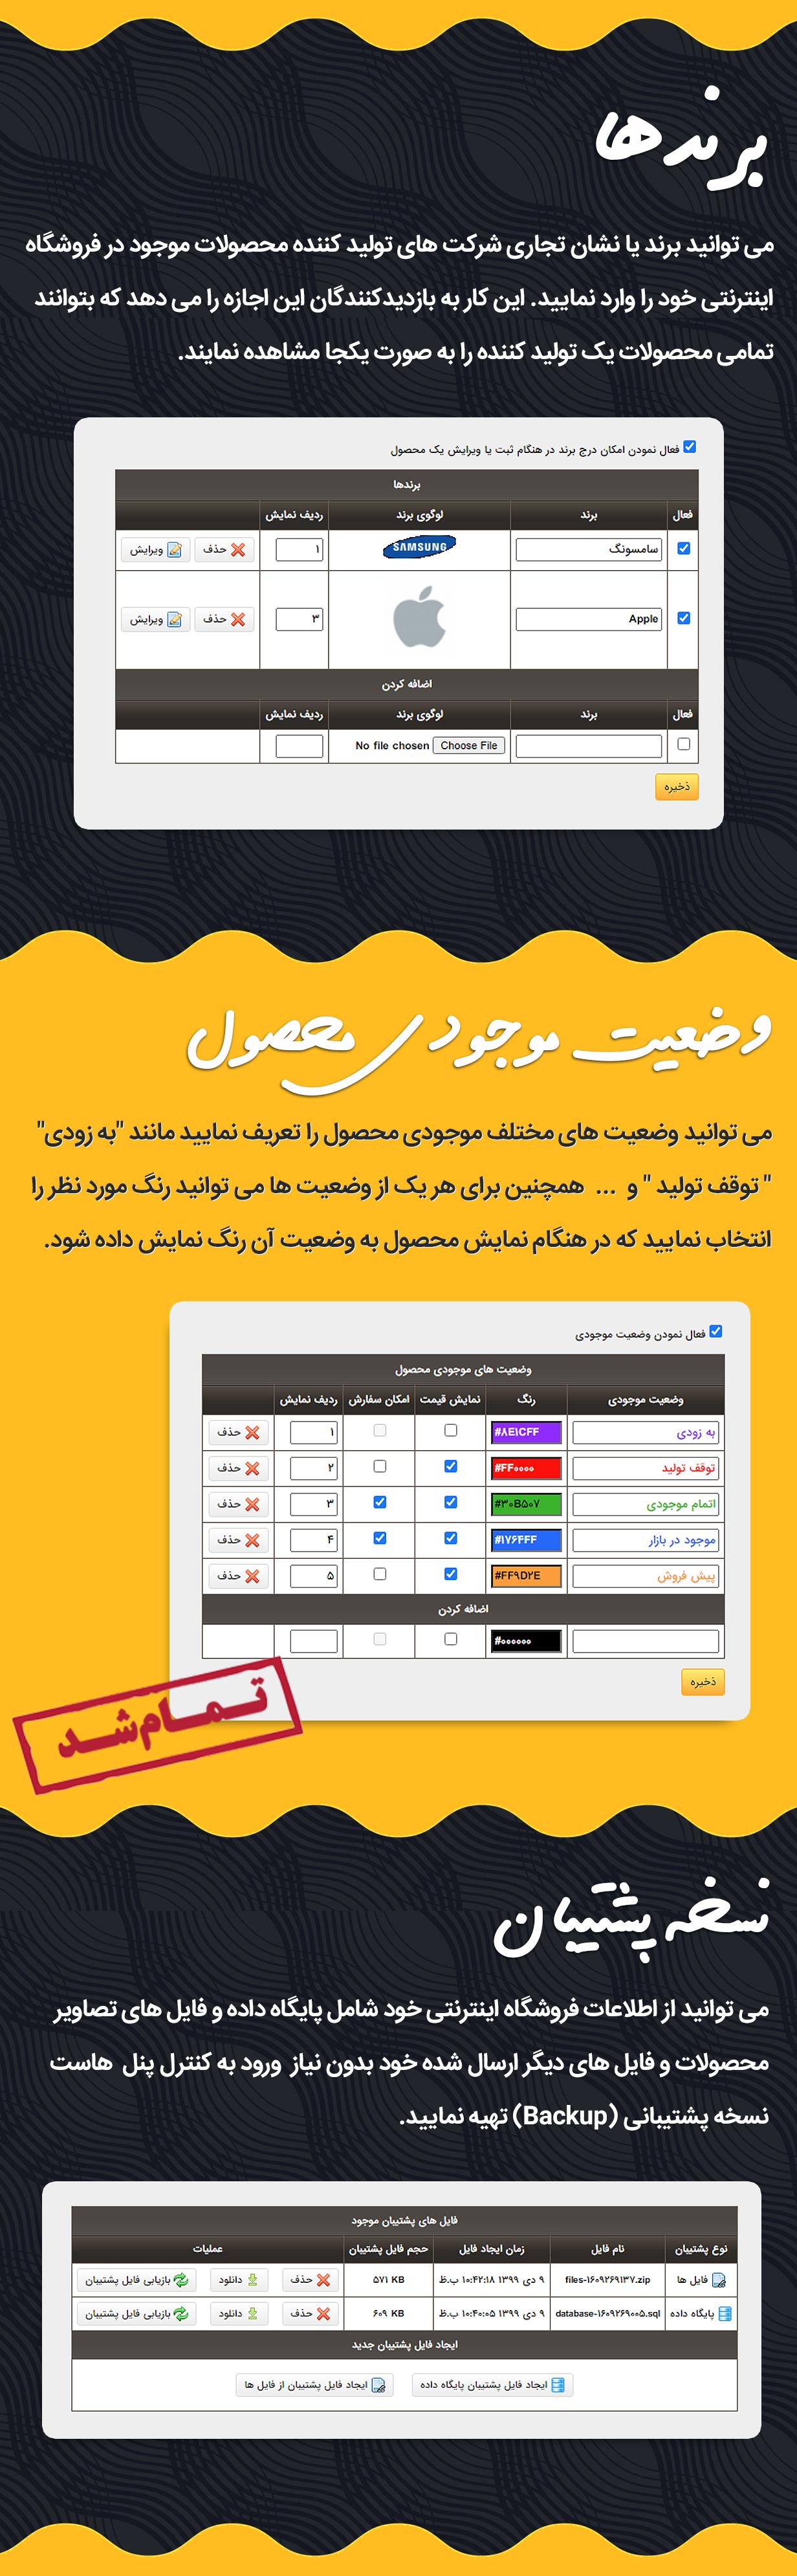 اضافه کردن برند در اسکریپت فارسی GNIK